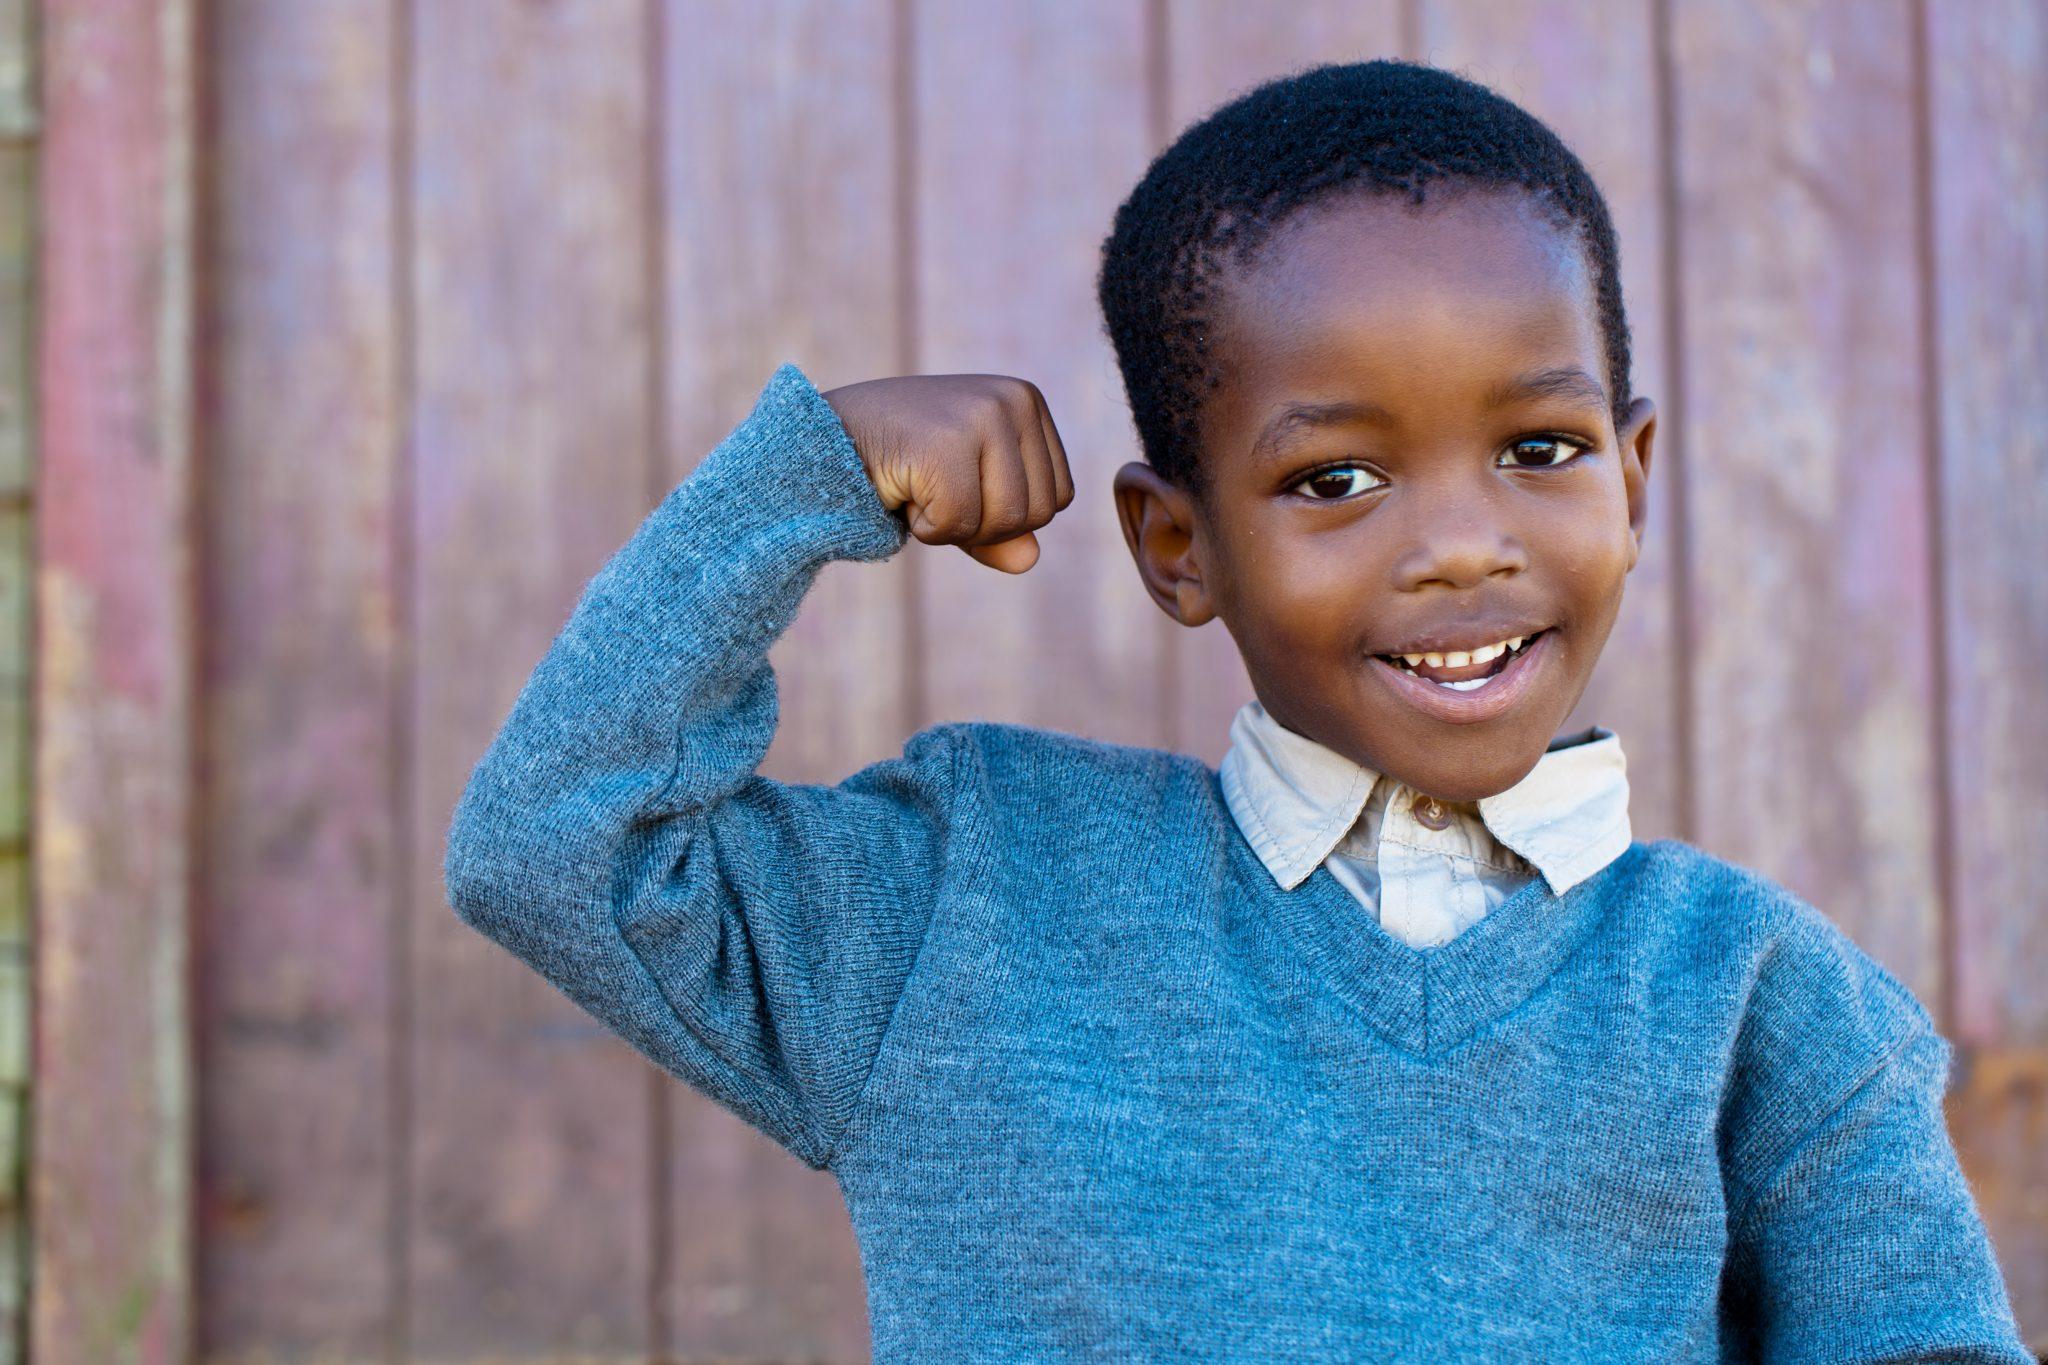 Hình ảnh trẻ em đứa bé da đen